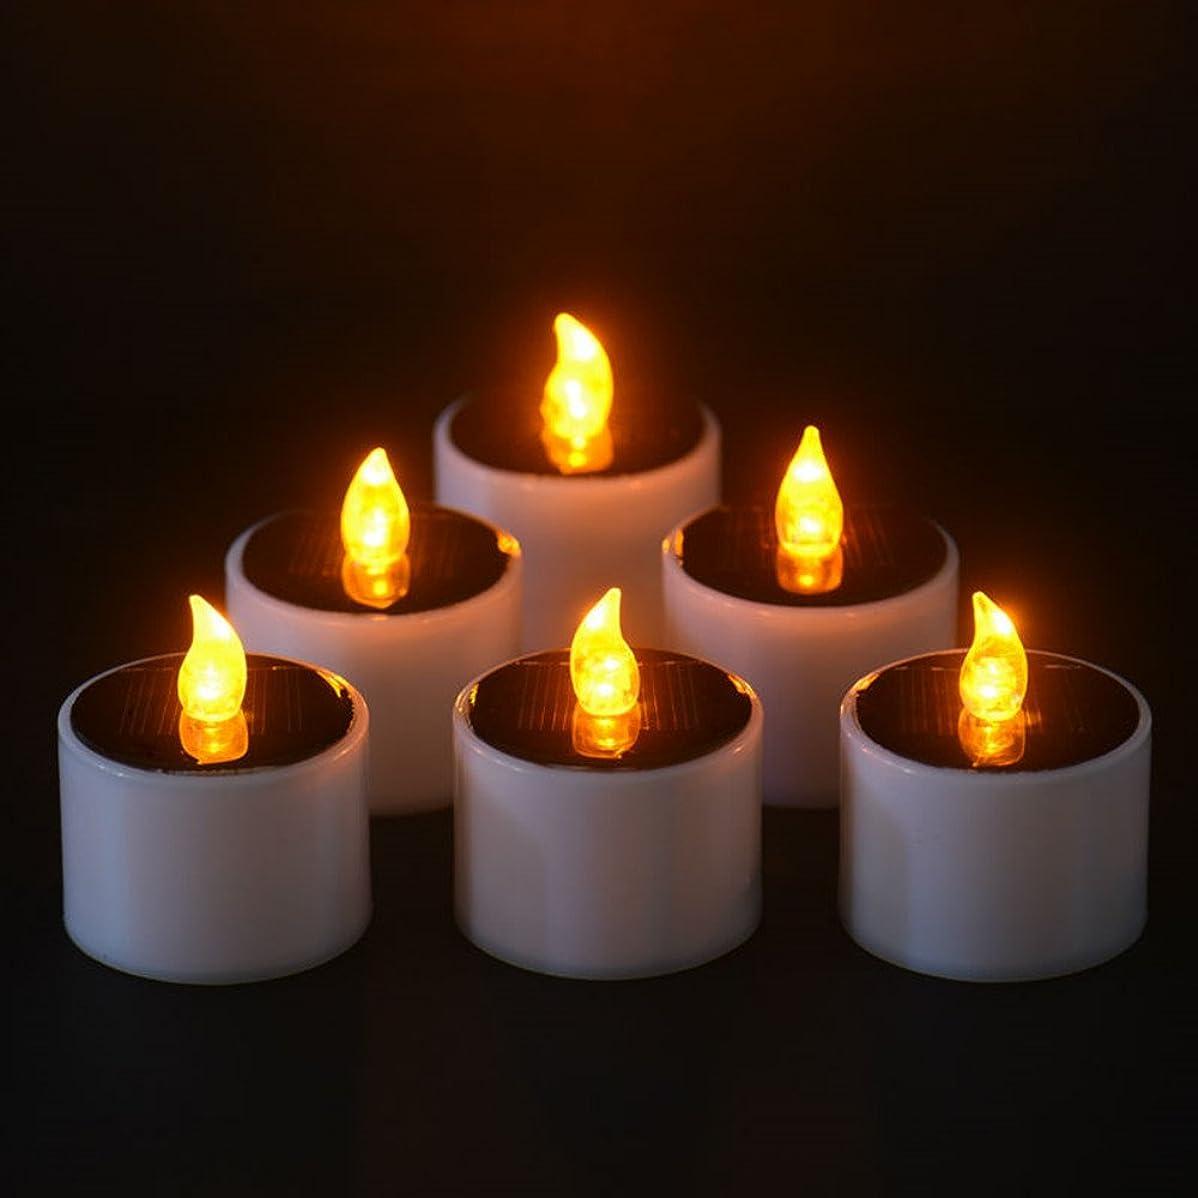 起きて反抗出撃者ソーラーキャンドル、ソーラー電源電子常夜灯LEDキャンドルライトFlameless Tealightsちらつきキャンドル、イエロー、6個のパック